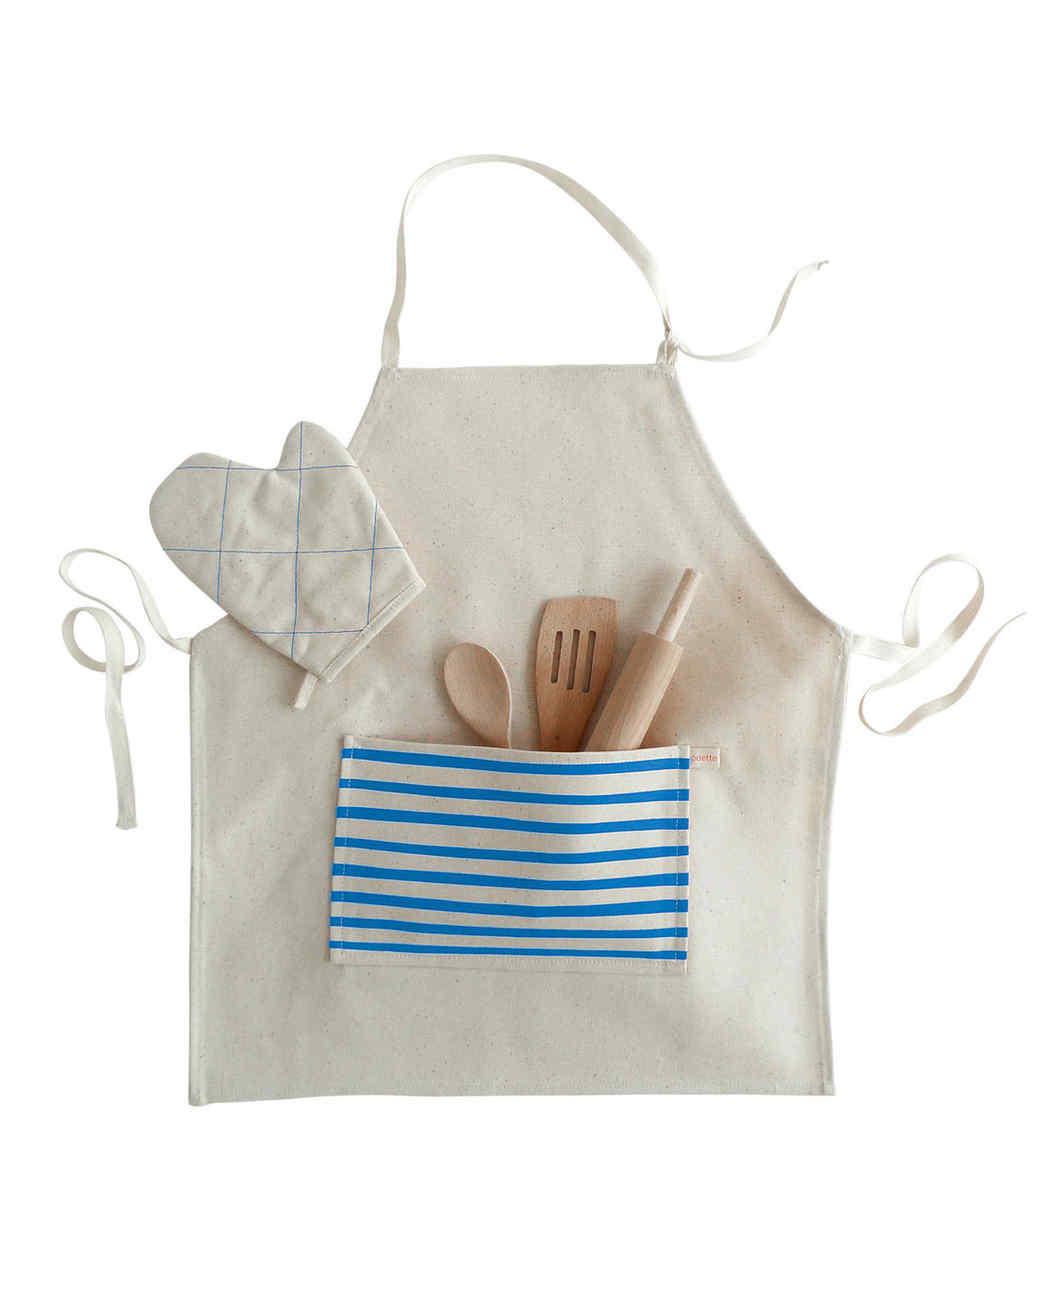 odette-williams-apron-set-0215.jpg